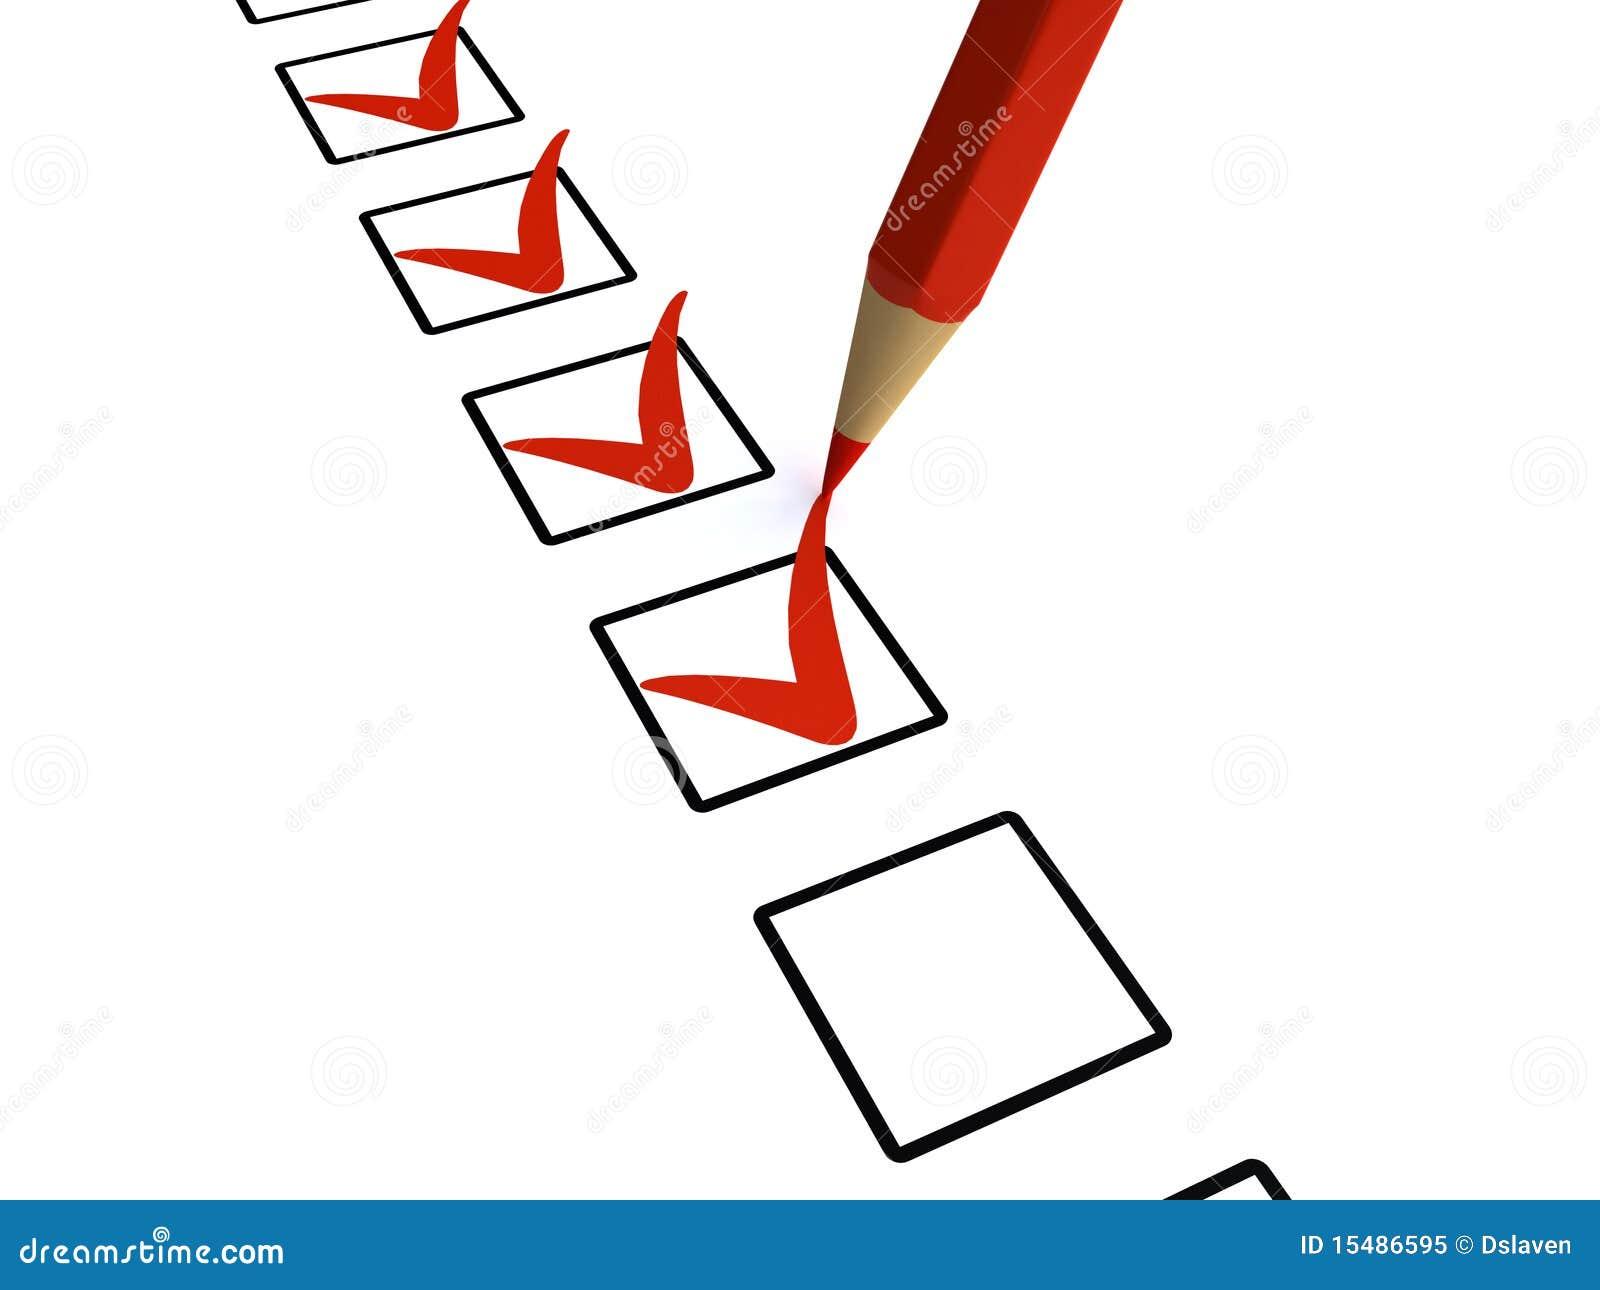 Контрольный список иллюстрация штока иллюстрации насчитывающей  Контрольный список